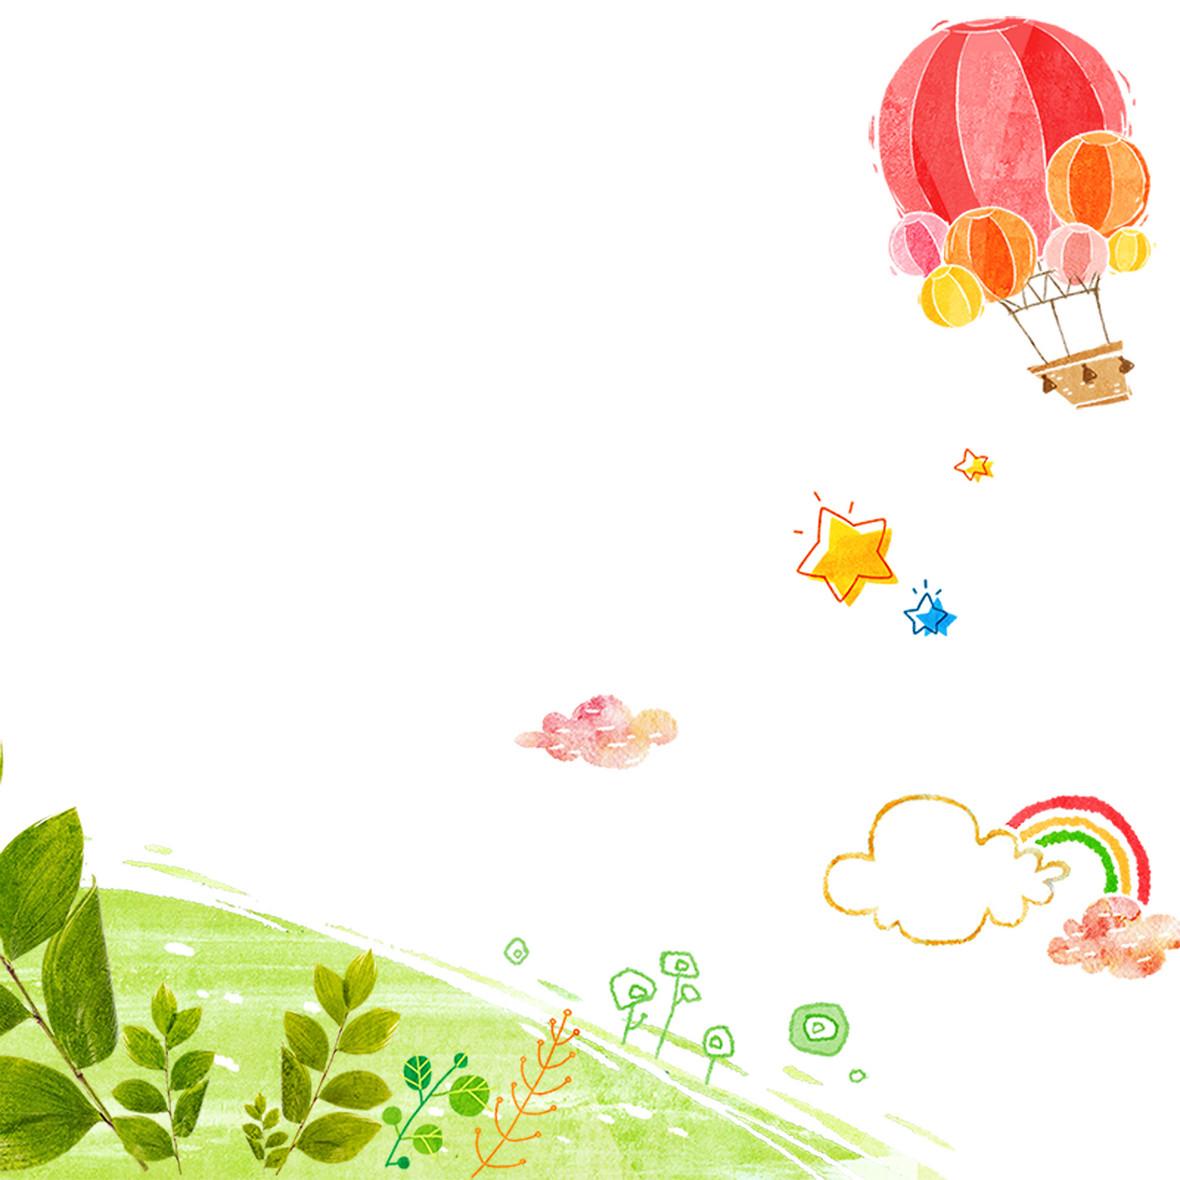 手绘卡通背景背景图片下载_1920x900像素jpg格式_图